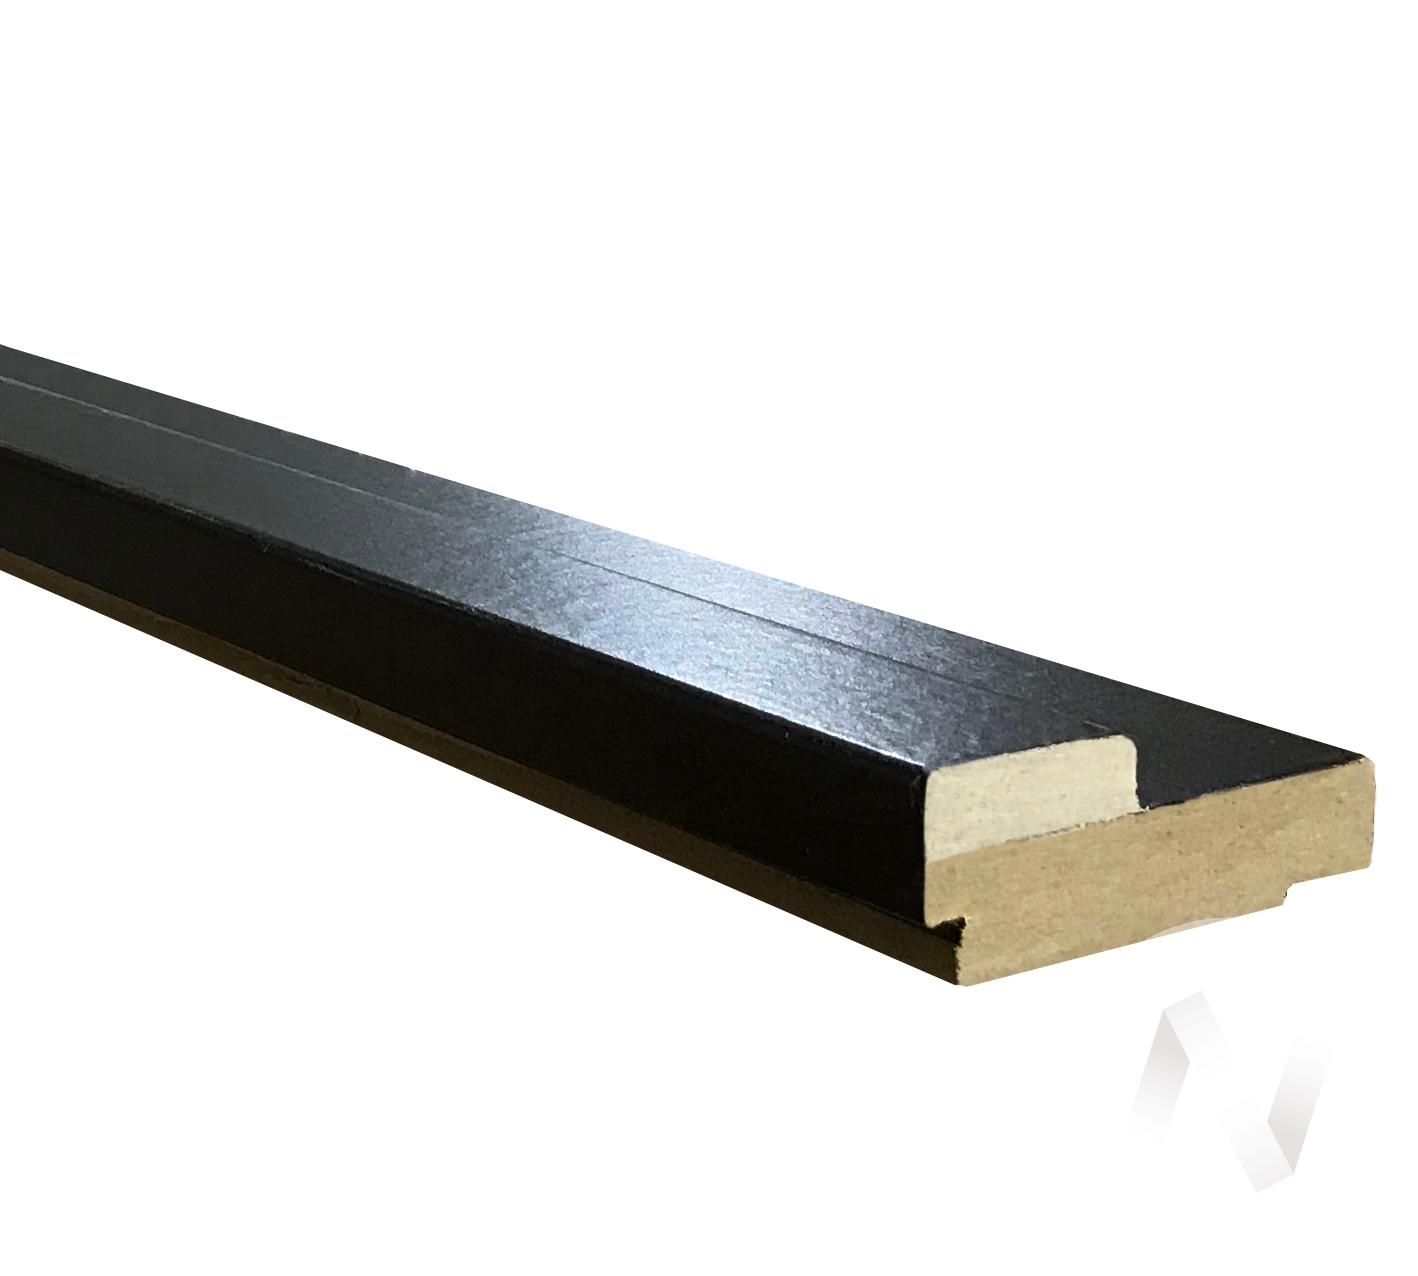 Дверная коробка ДК 02 Венге новый  ЭКШ 72*30 (сосна)  в Томске — интернет магазин МИРА-мебель